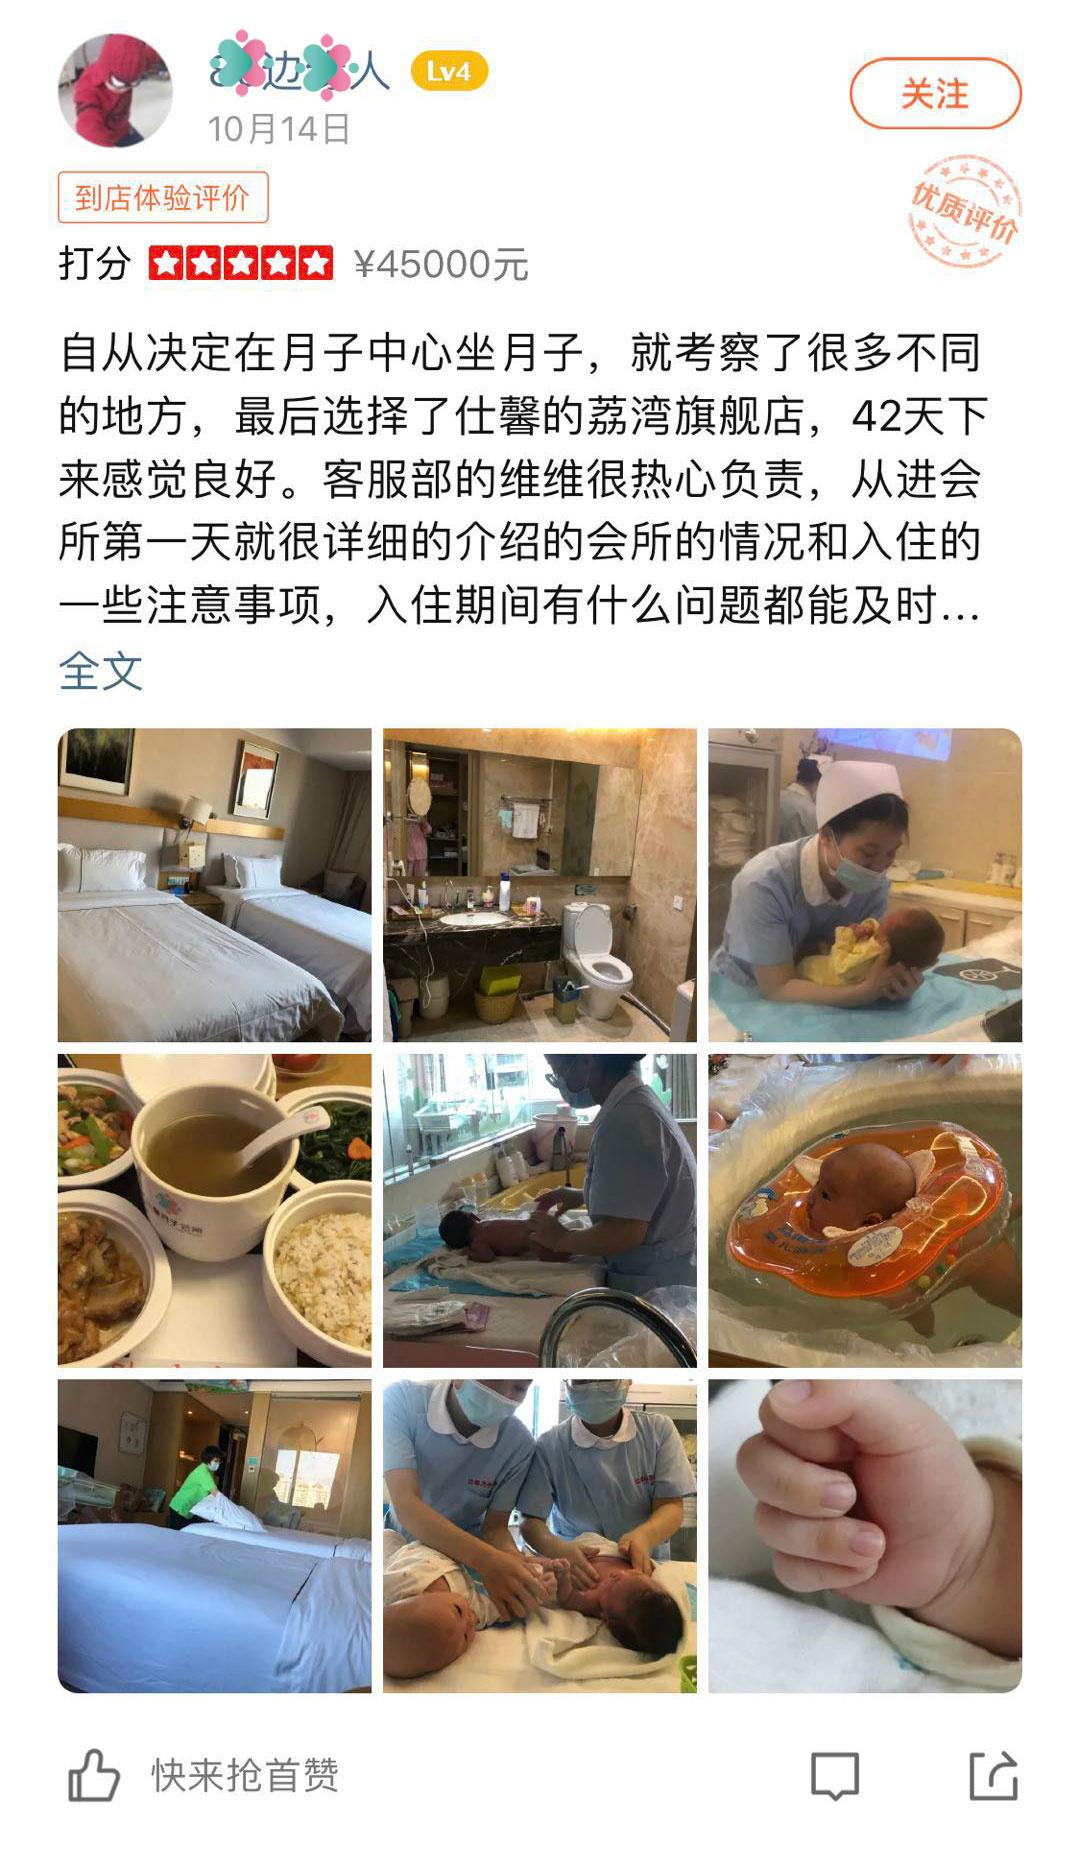 选择了仕馨的荔湾旗舰店,42天下来感觉良好